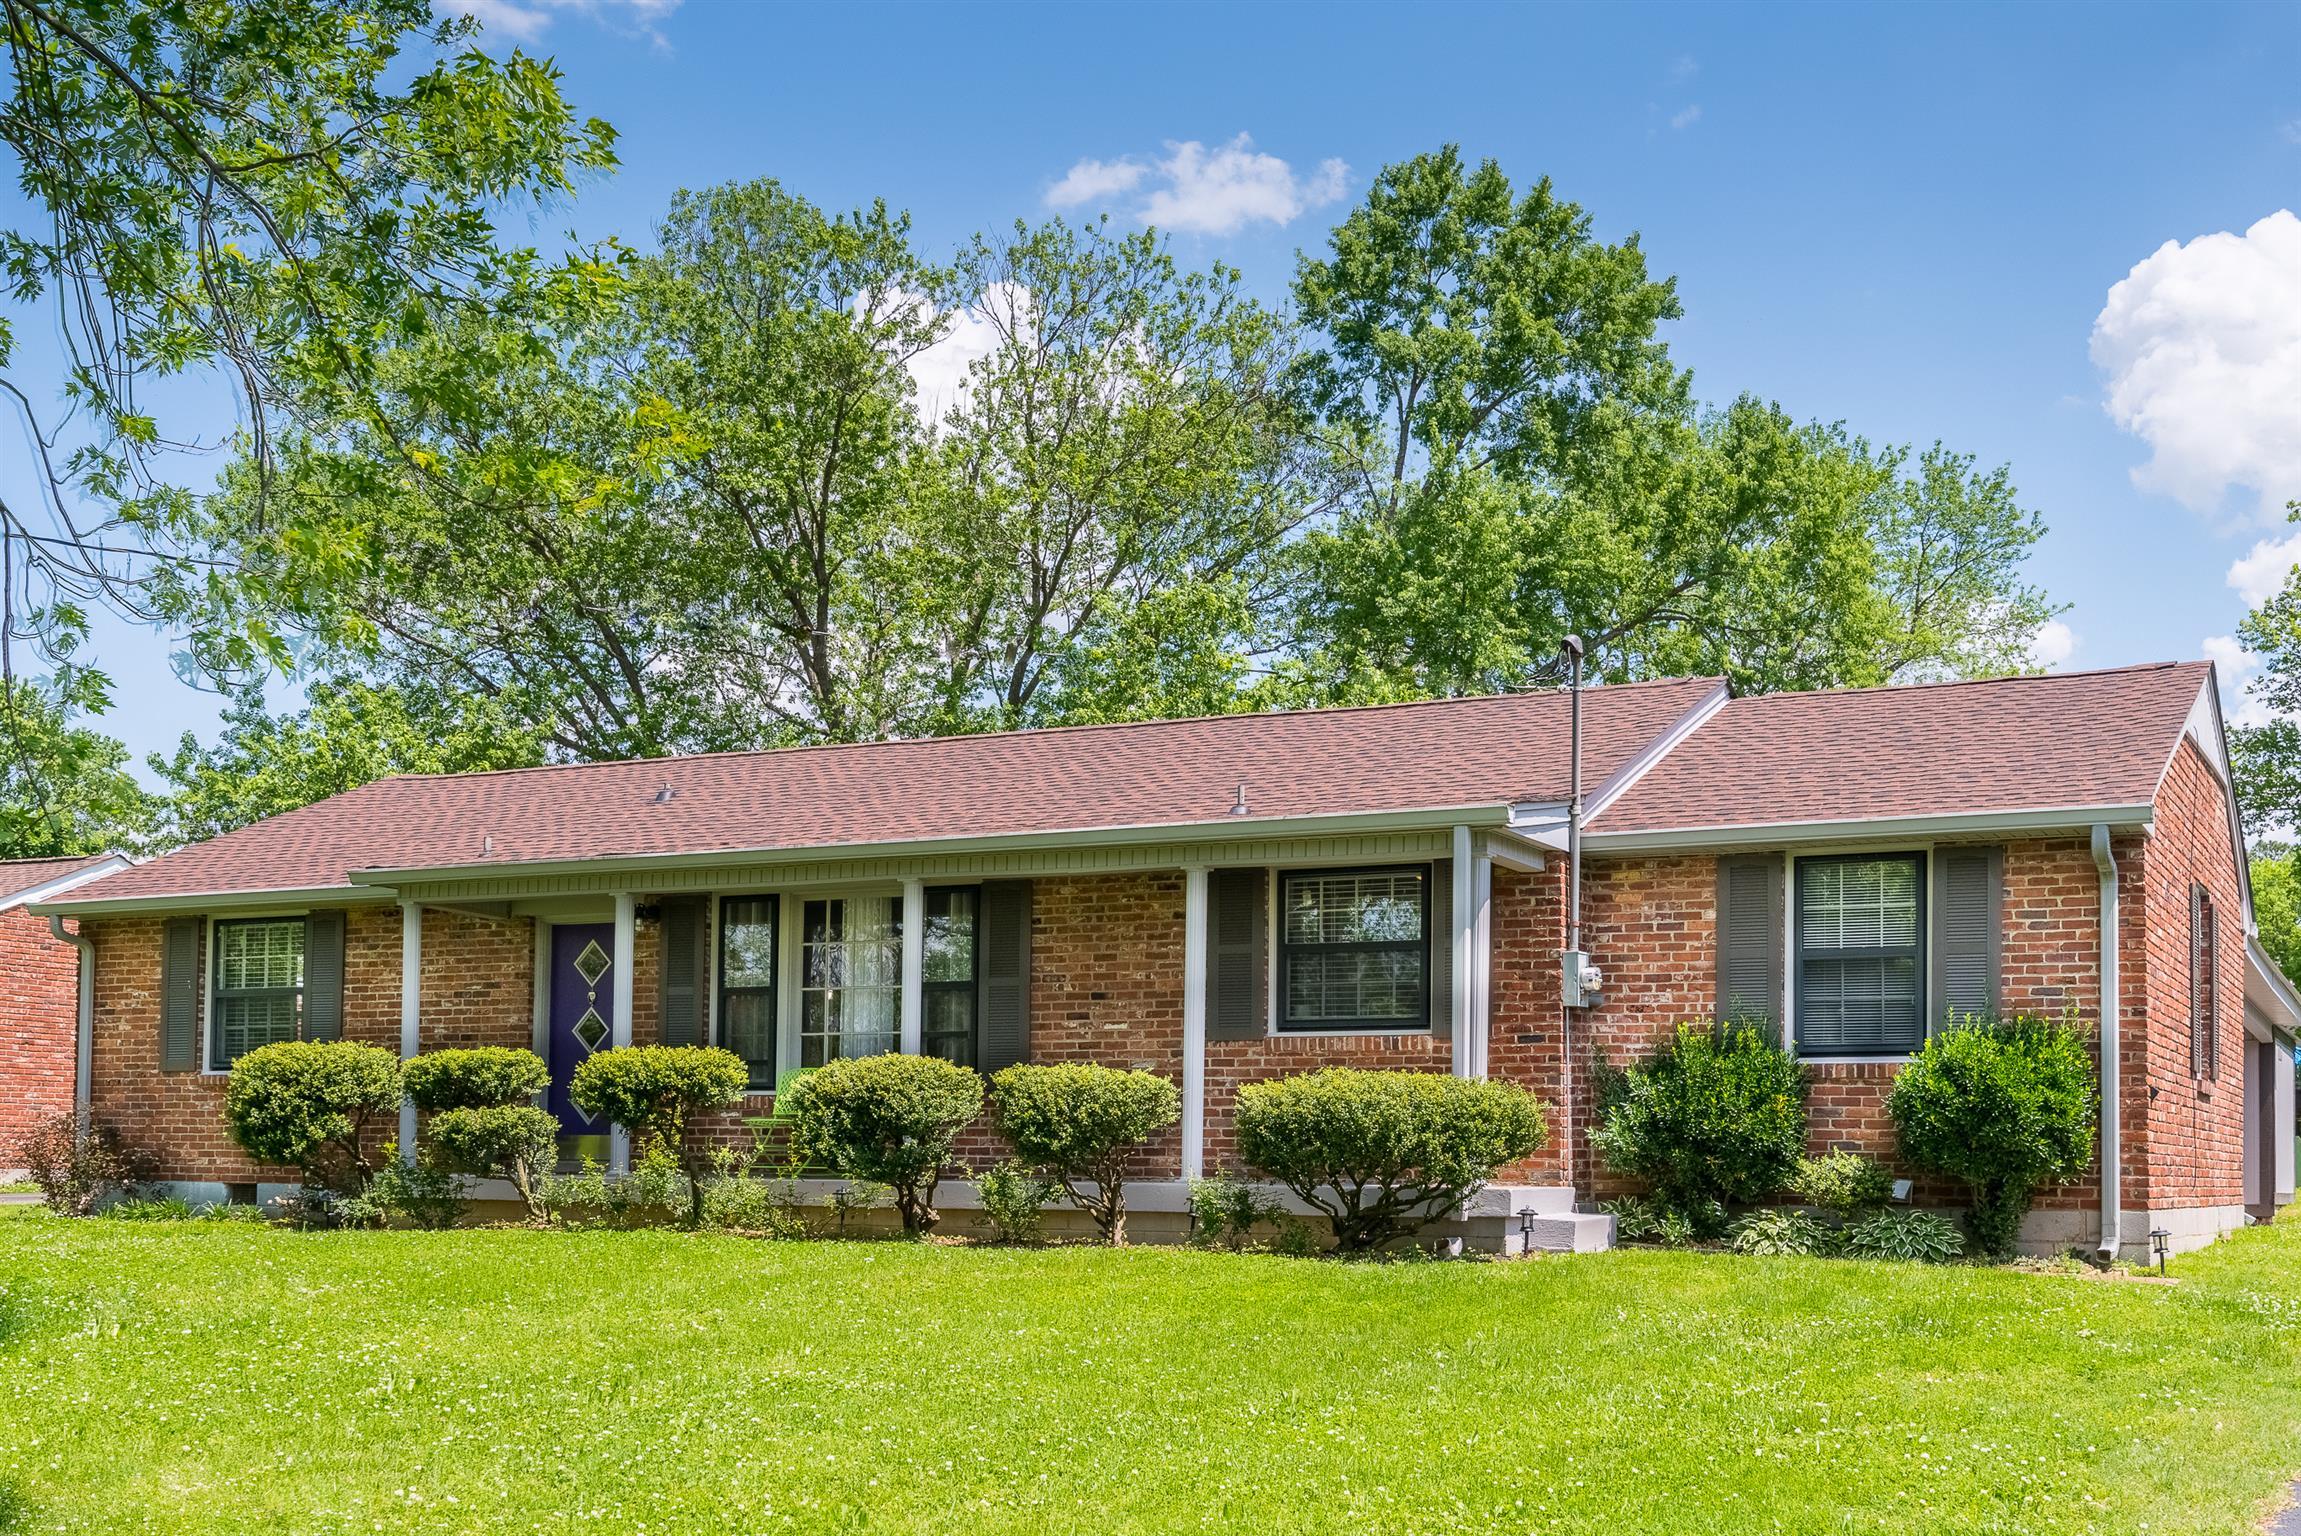 3003 STAFFORD DR, Nashville, TN 37214 - Nashville, TN real estate listing